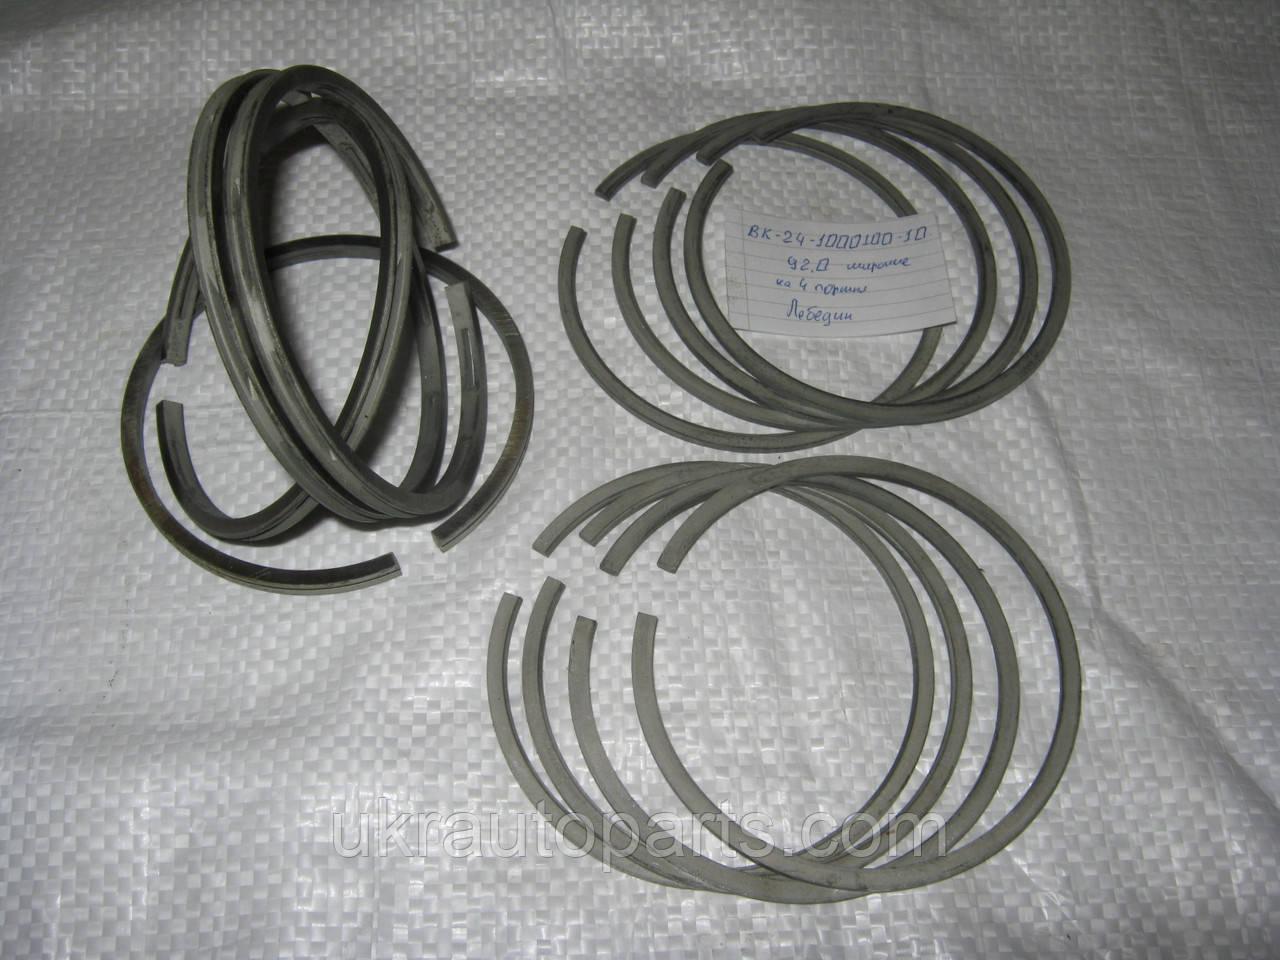 Кольцо поршневое 92,0мм (4поршня) ГАЗ широкие (Лебедин) (ВК24-1000100-10)